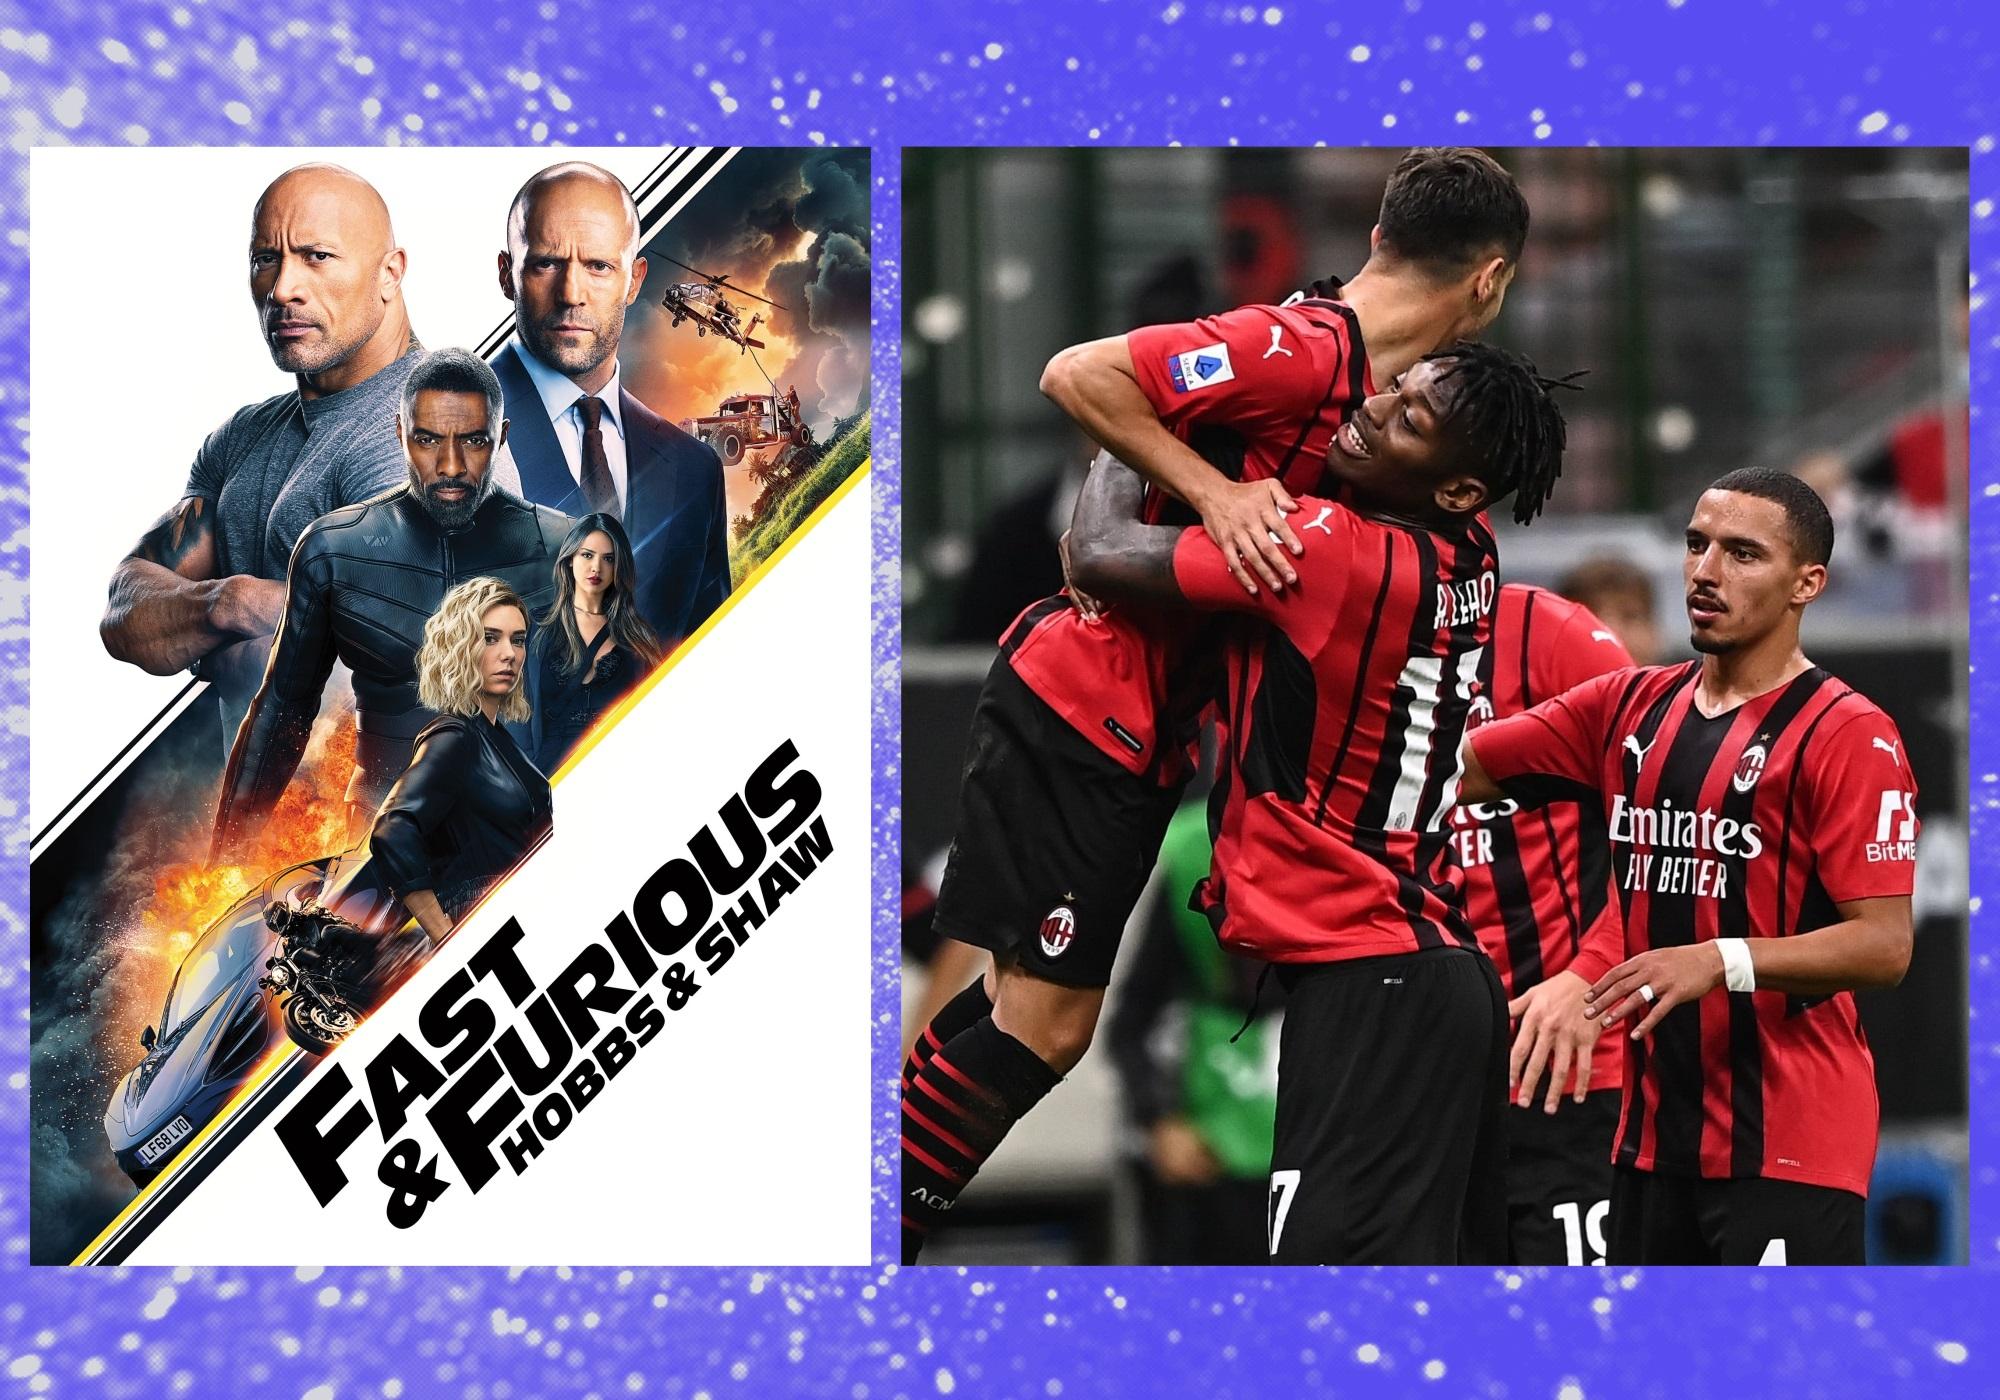 Programmazione dal 17 al 23 ottobre 2021 Rai e Mediaset: Partono Cuori e Il Cacciatore 3, Canale5 risponde con la Champions e Porto vs Milan